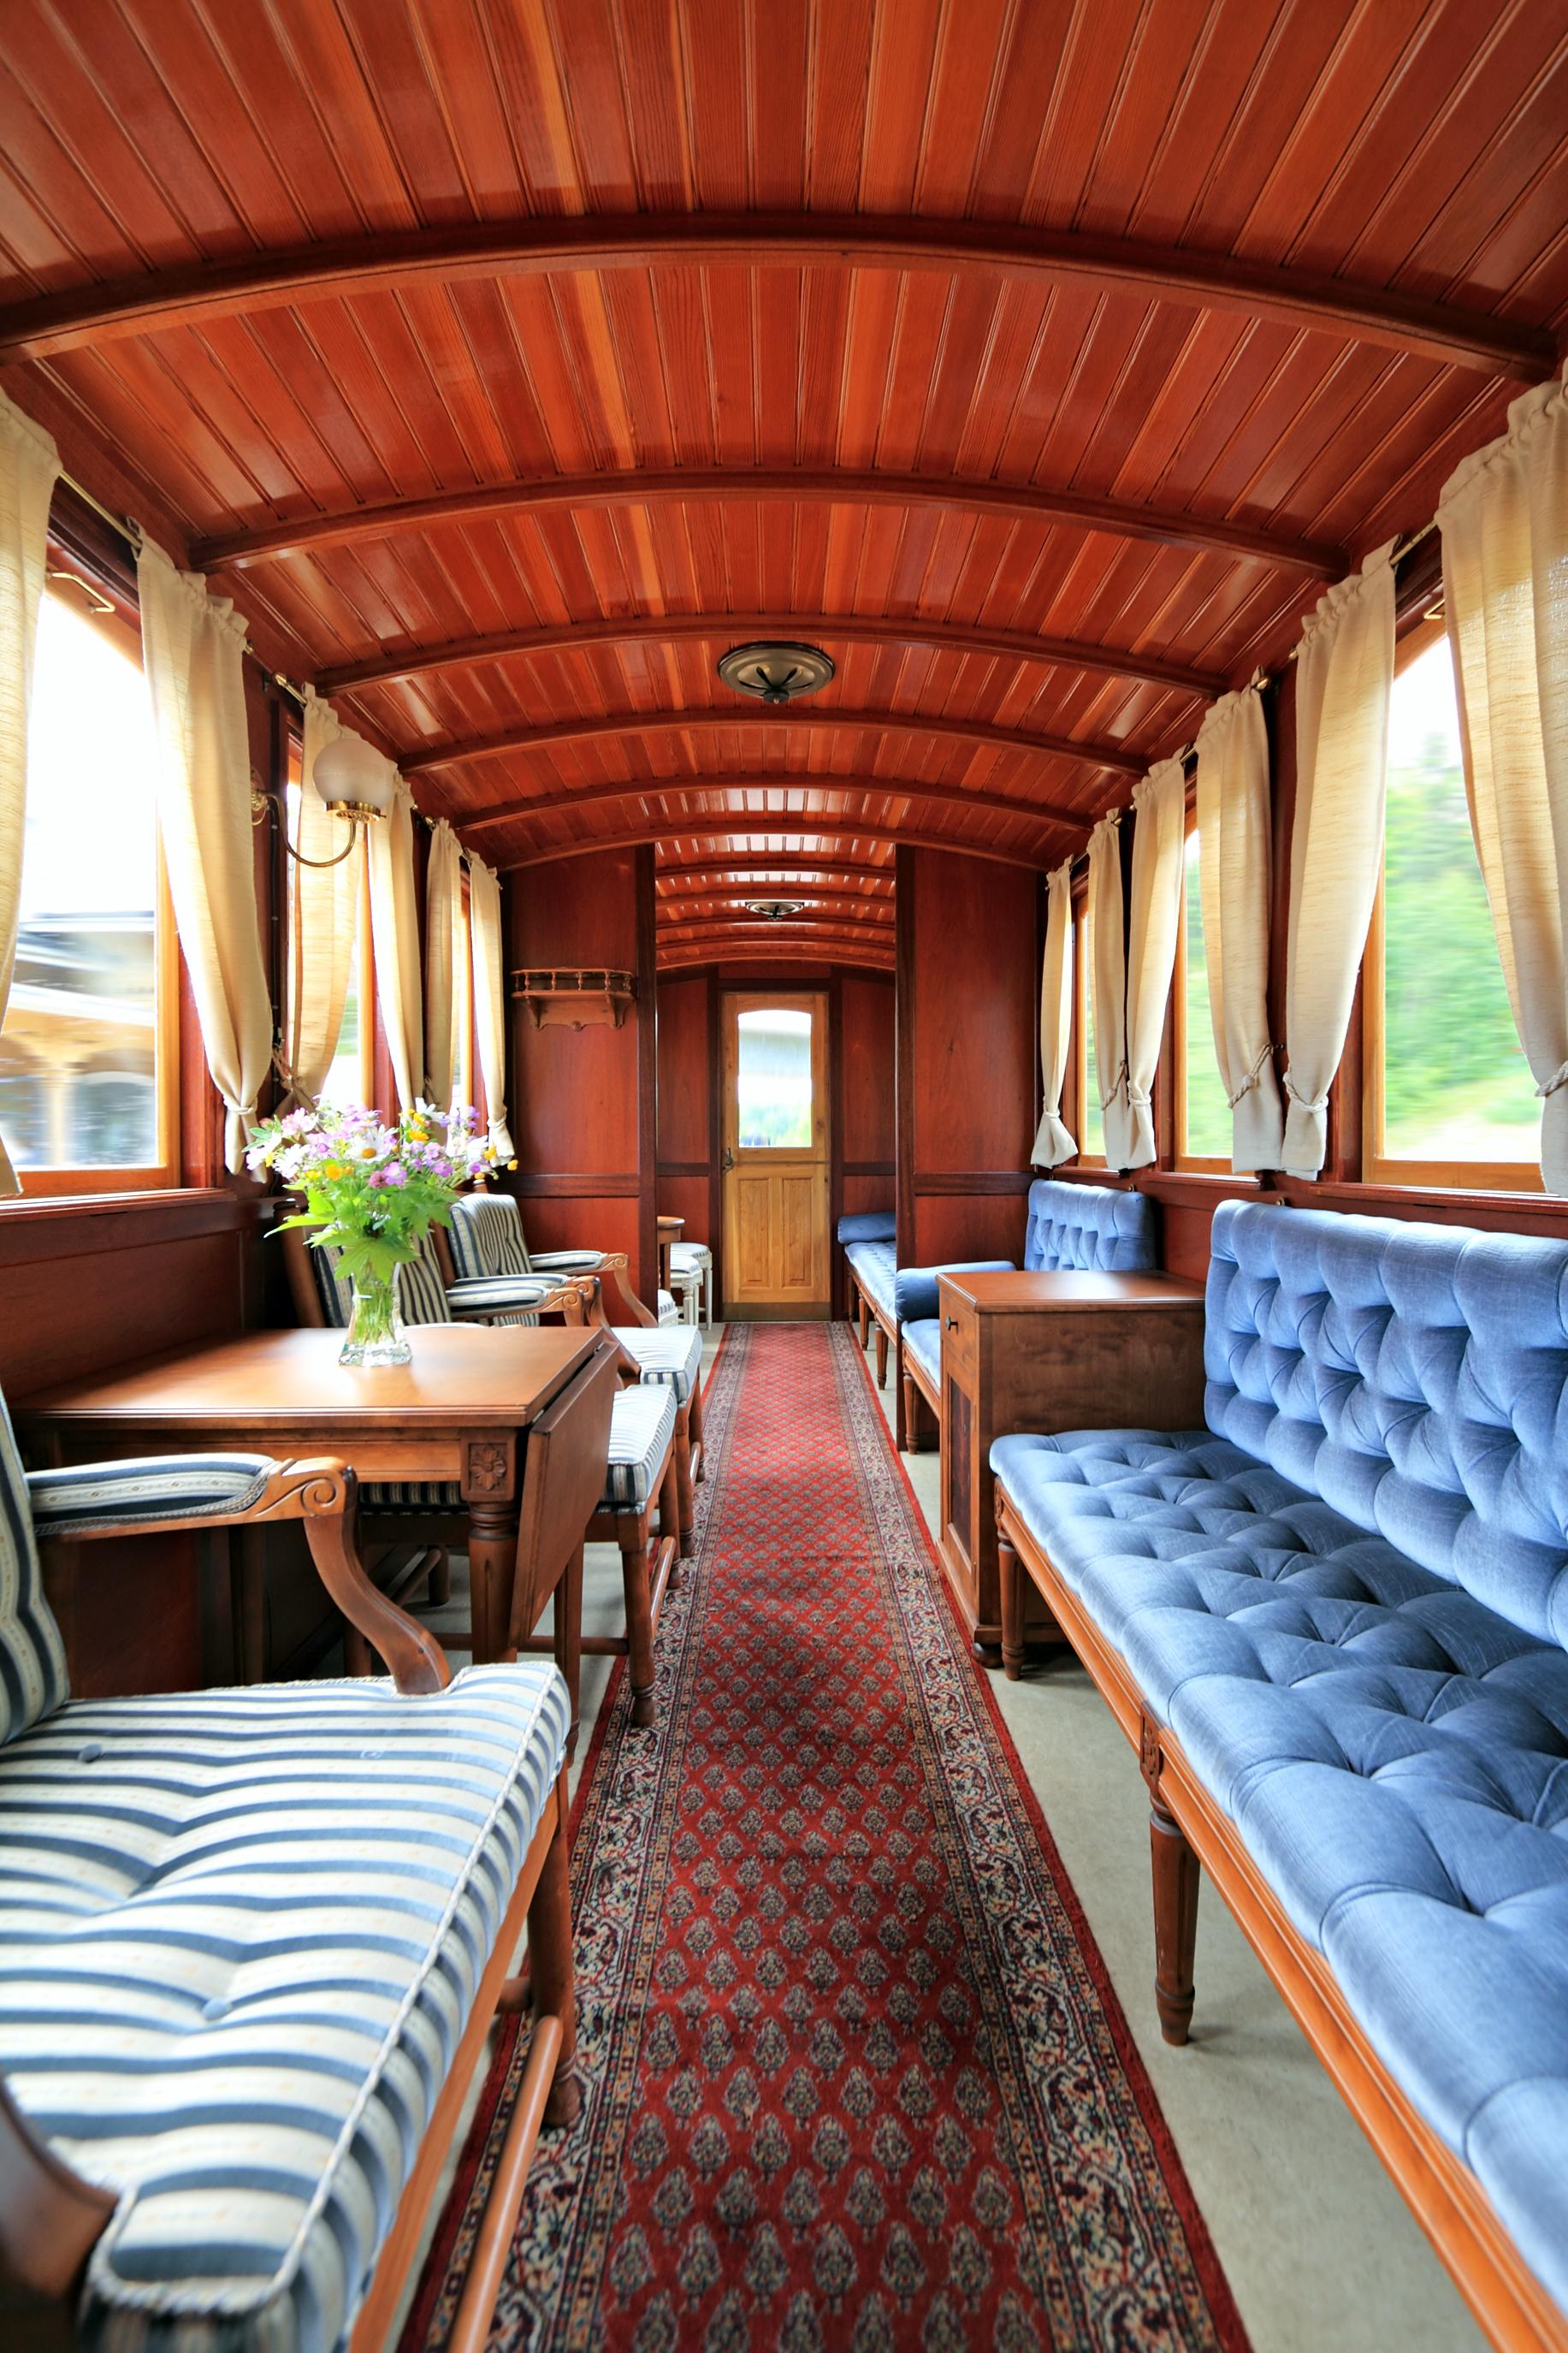 Vieil intérieur de train